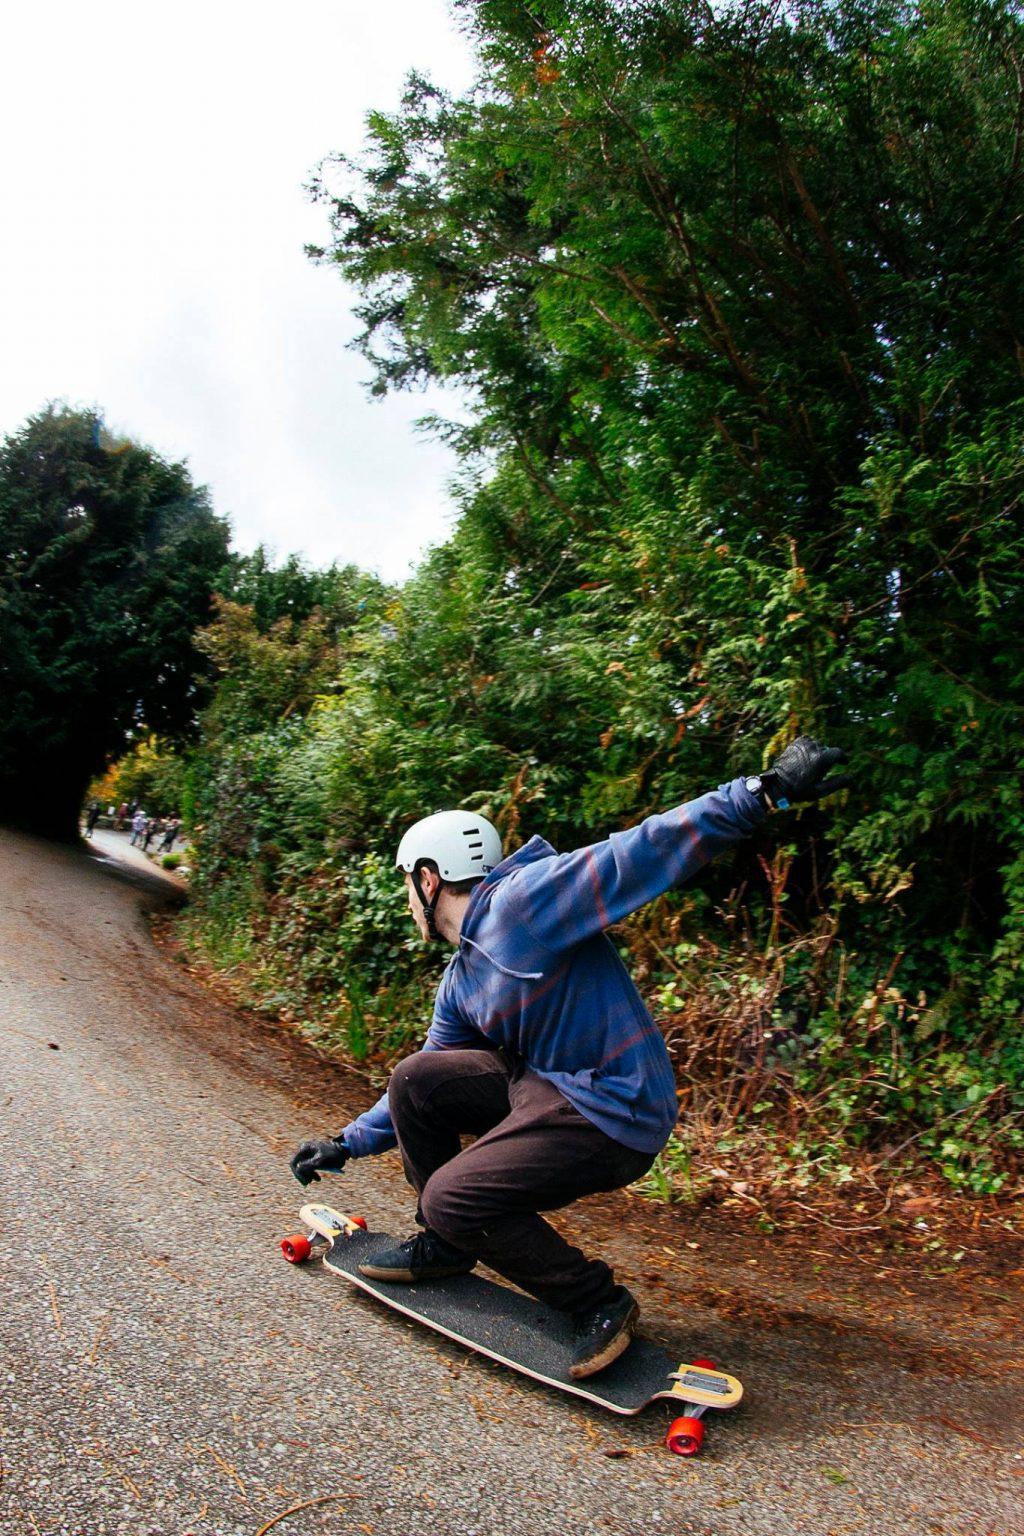 14-sam-galus-flatspot-longboards-valhalla-skateboards-higway-jam-highwayjamx-sho-ouellette-sho-stopper-longboarding